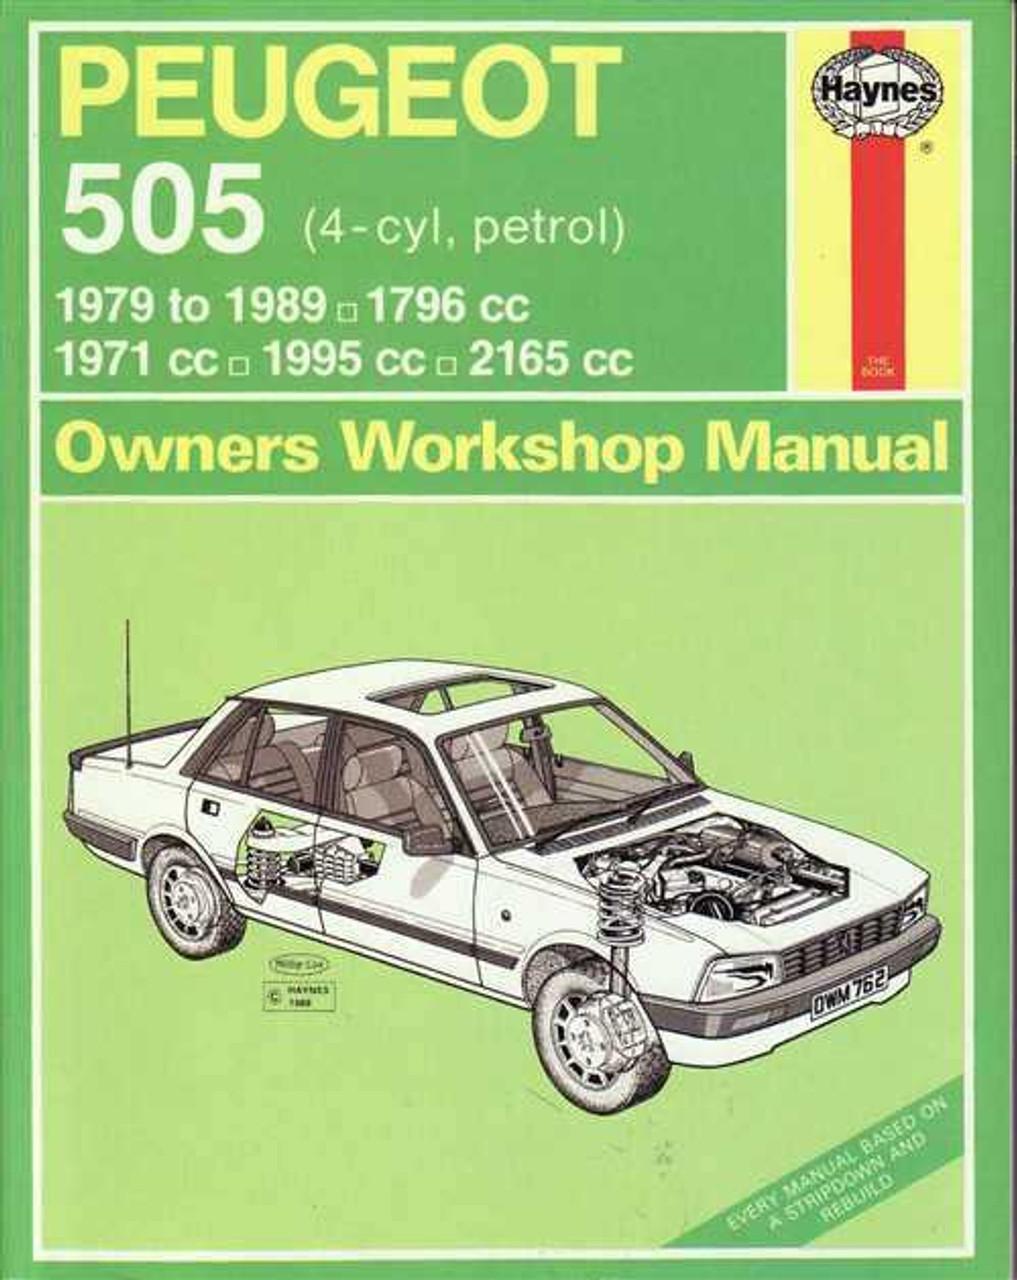 peugeot 505 1971 1995 workshop manual rh automotobookshop com au Peugeot 505 STI Peugeot 505 STI